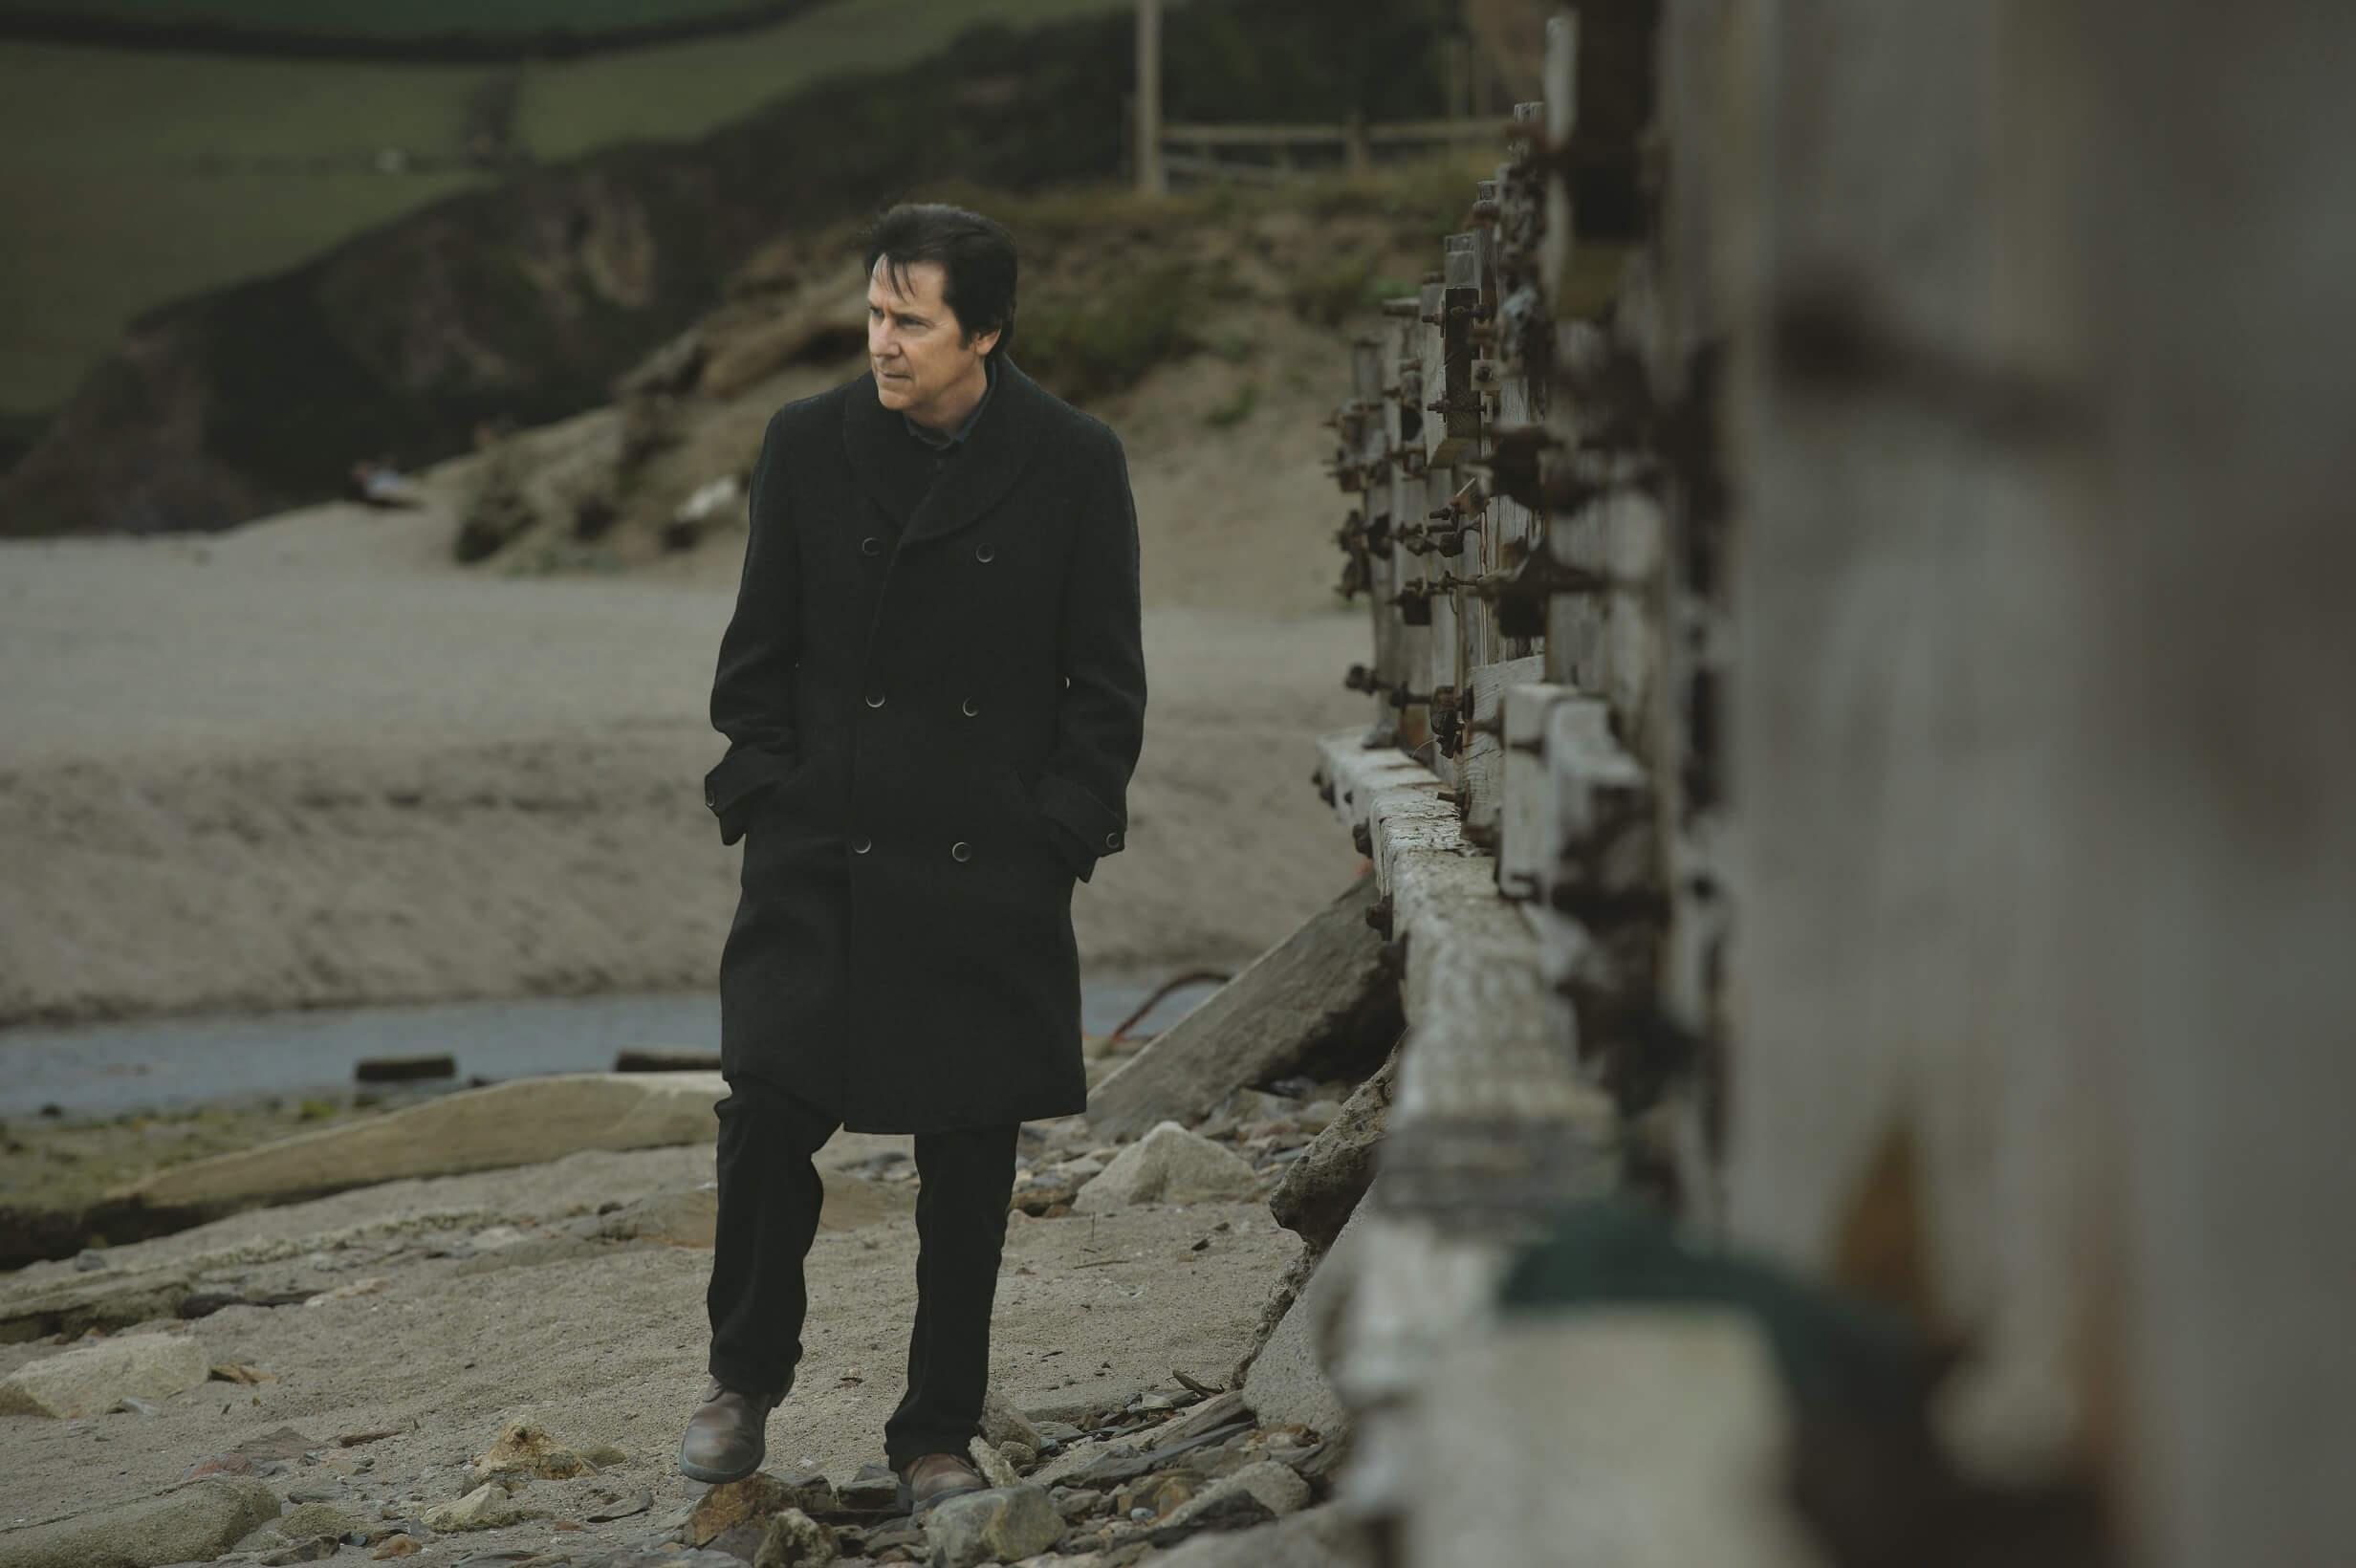 Shakin' Stevens Announces His Biggest Ever UK Tour